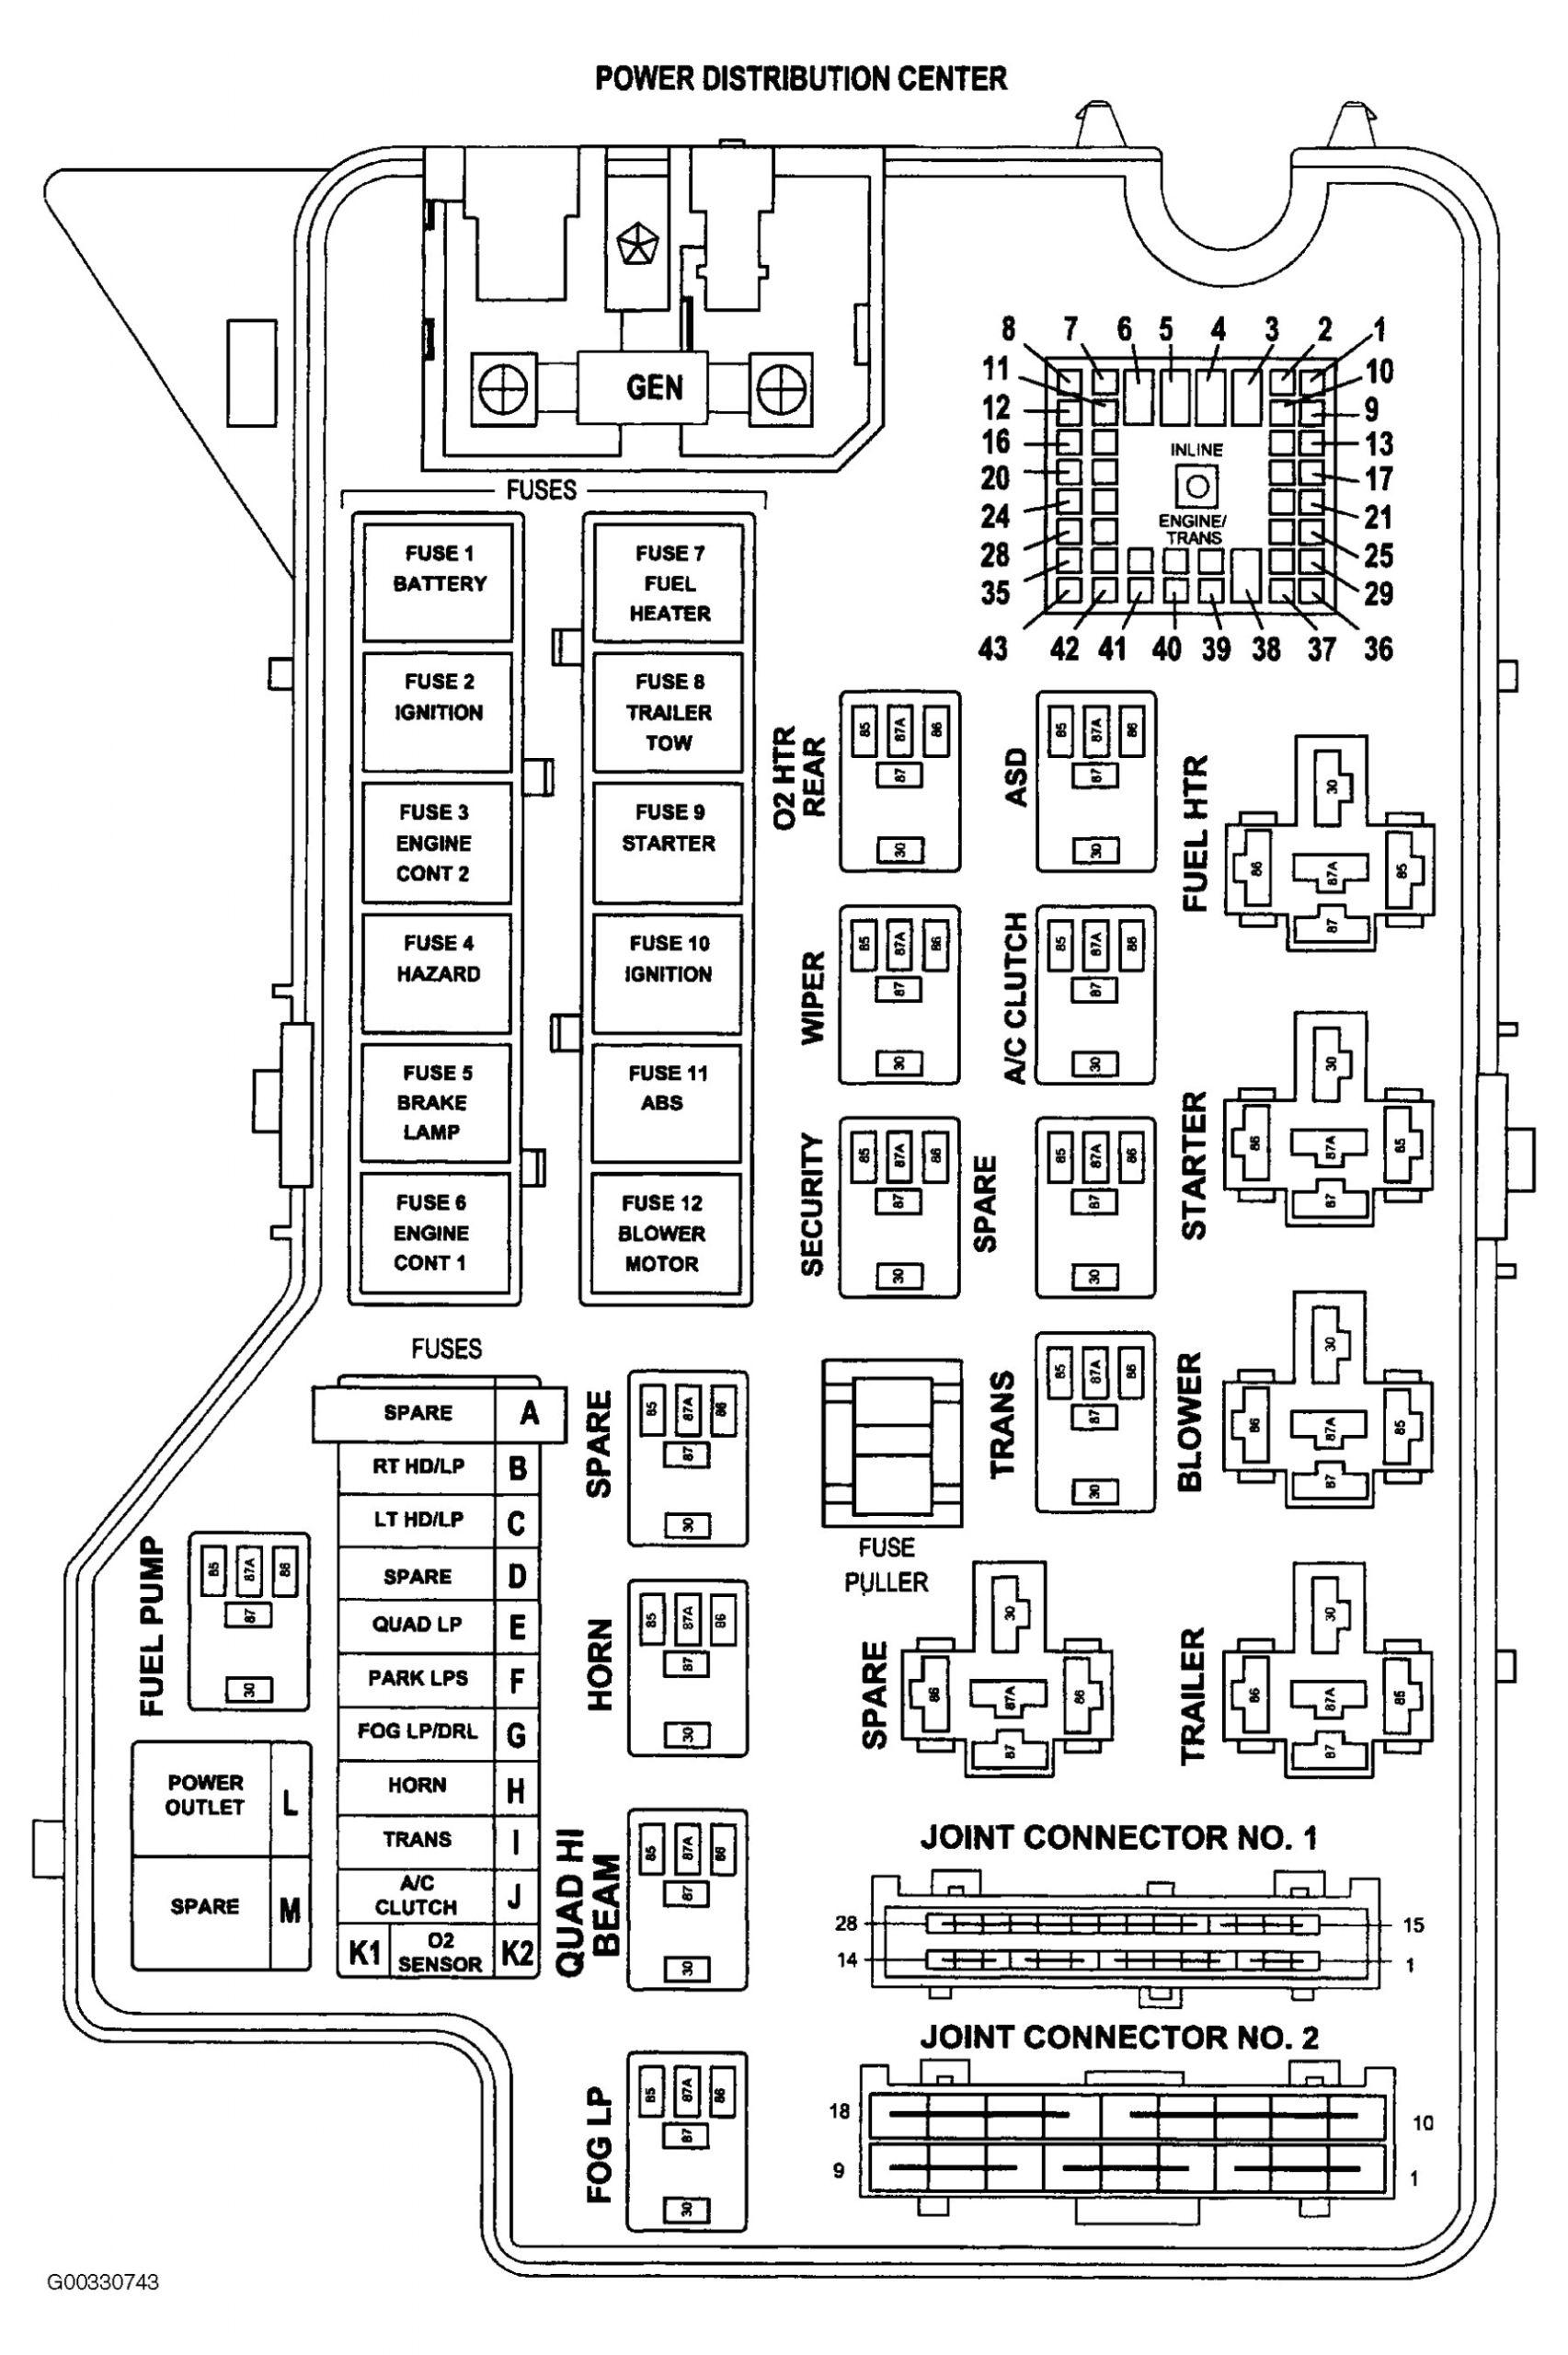 2003 Dodge Ram 3500 Tail Light Wiring Diagram Ram 3500 Fuse Box Wiring Diagram Data